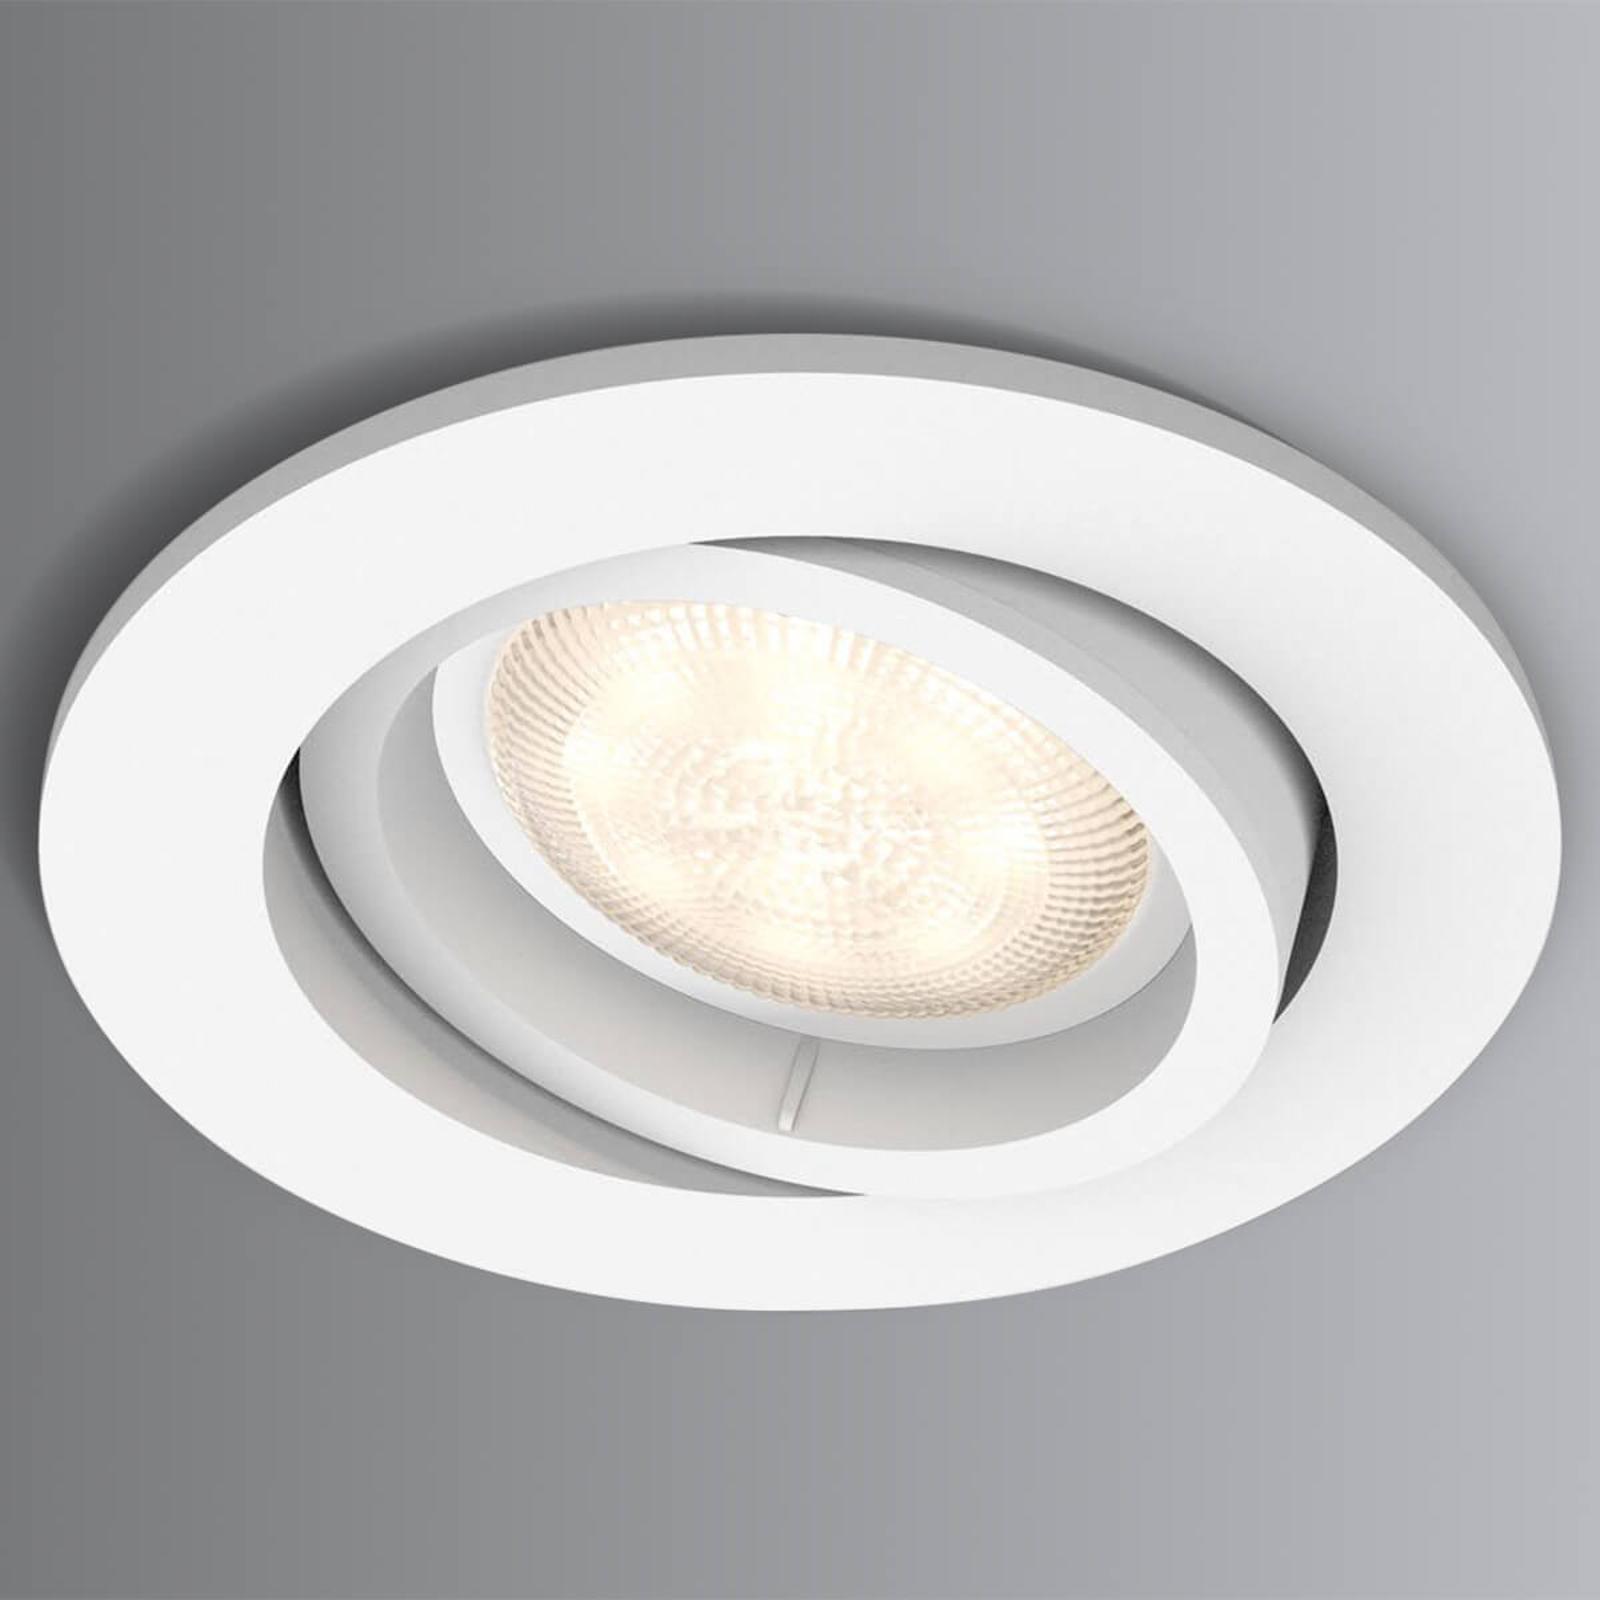 Philips Shellbark LED-Einbauspot WarmGlow weiß